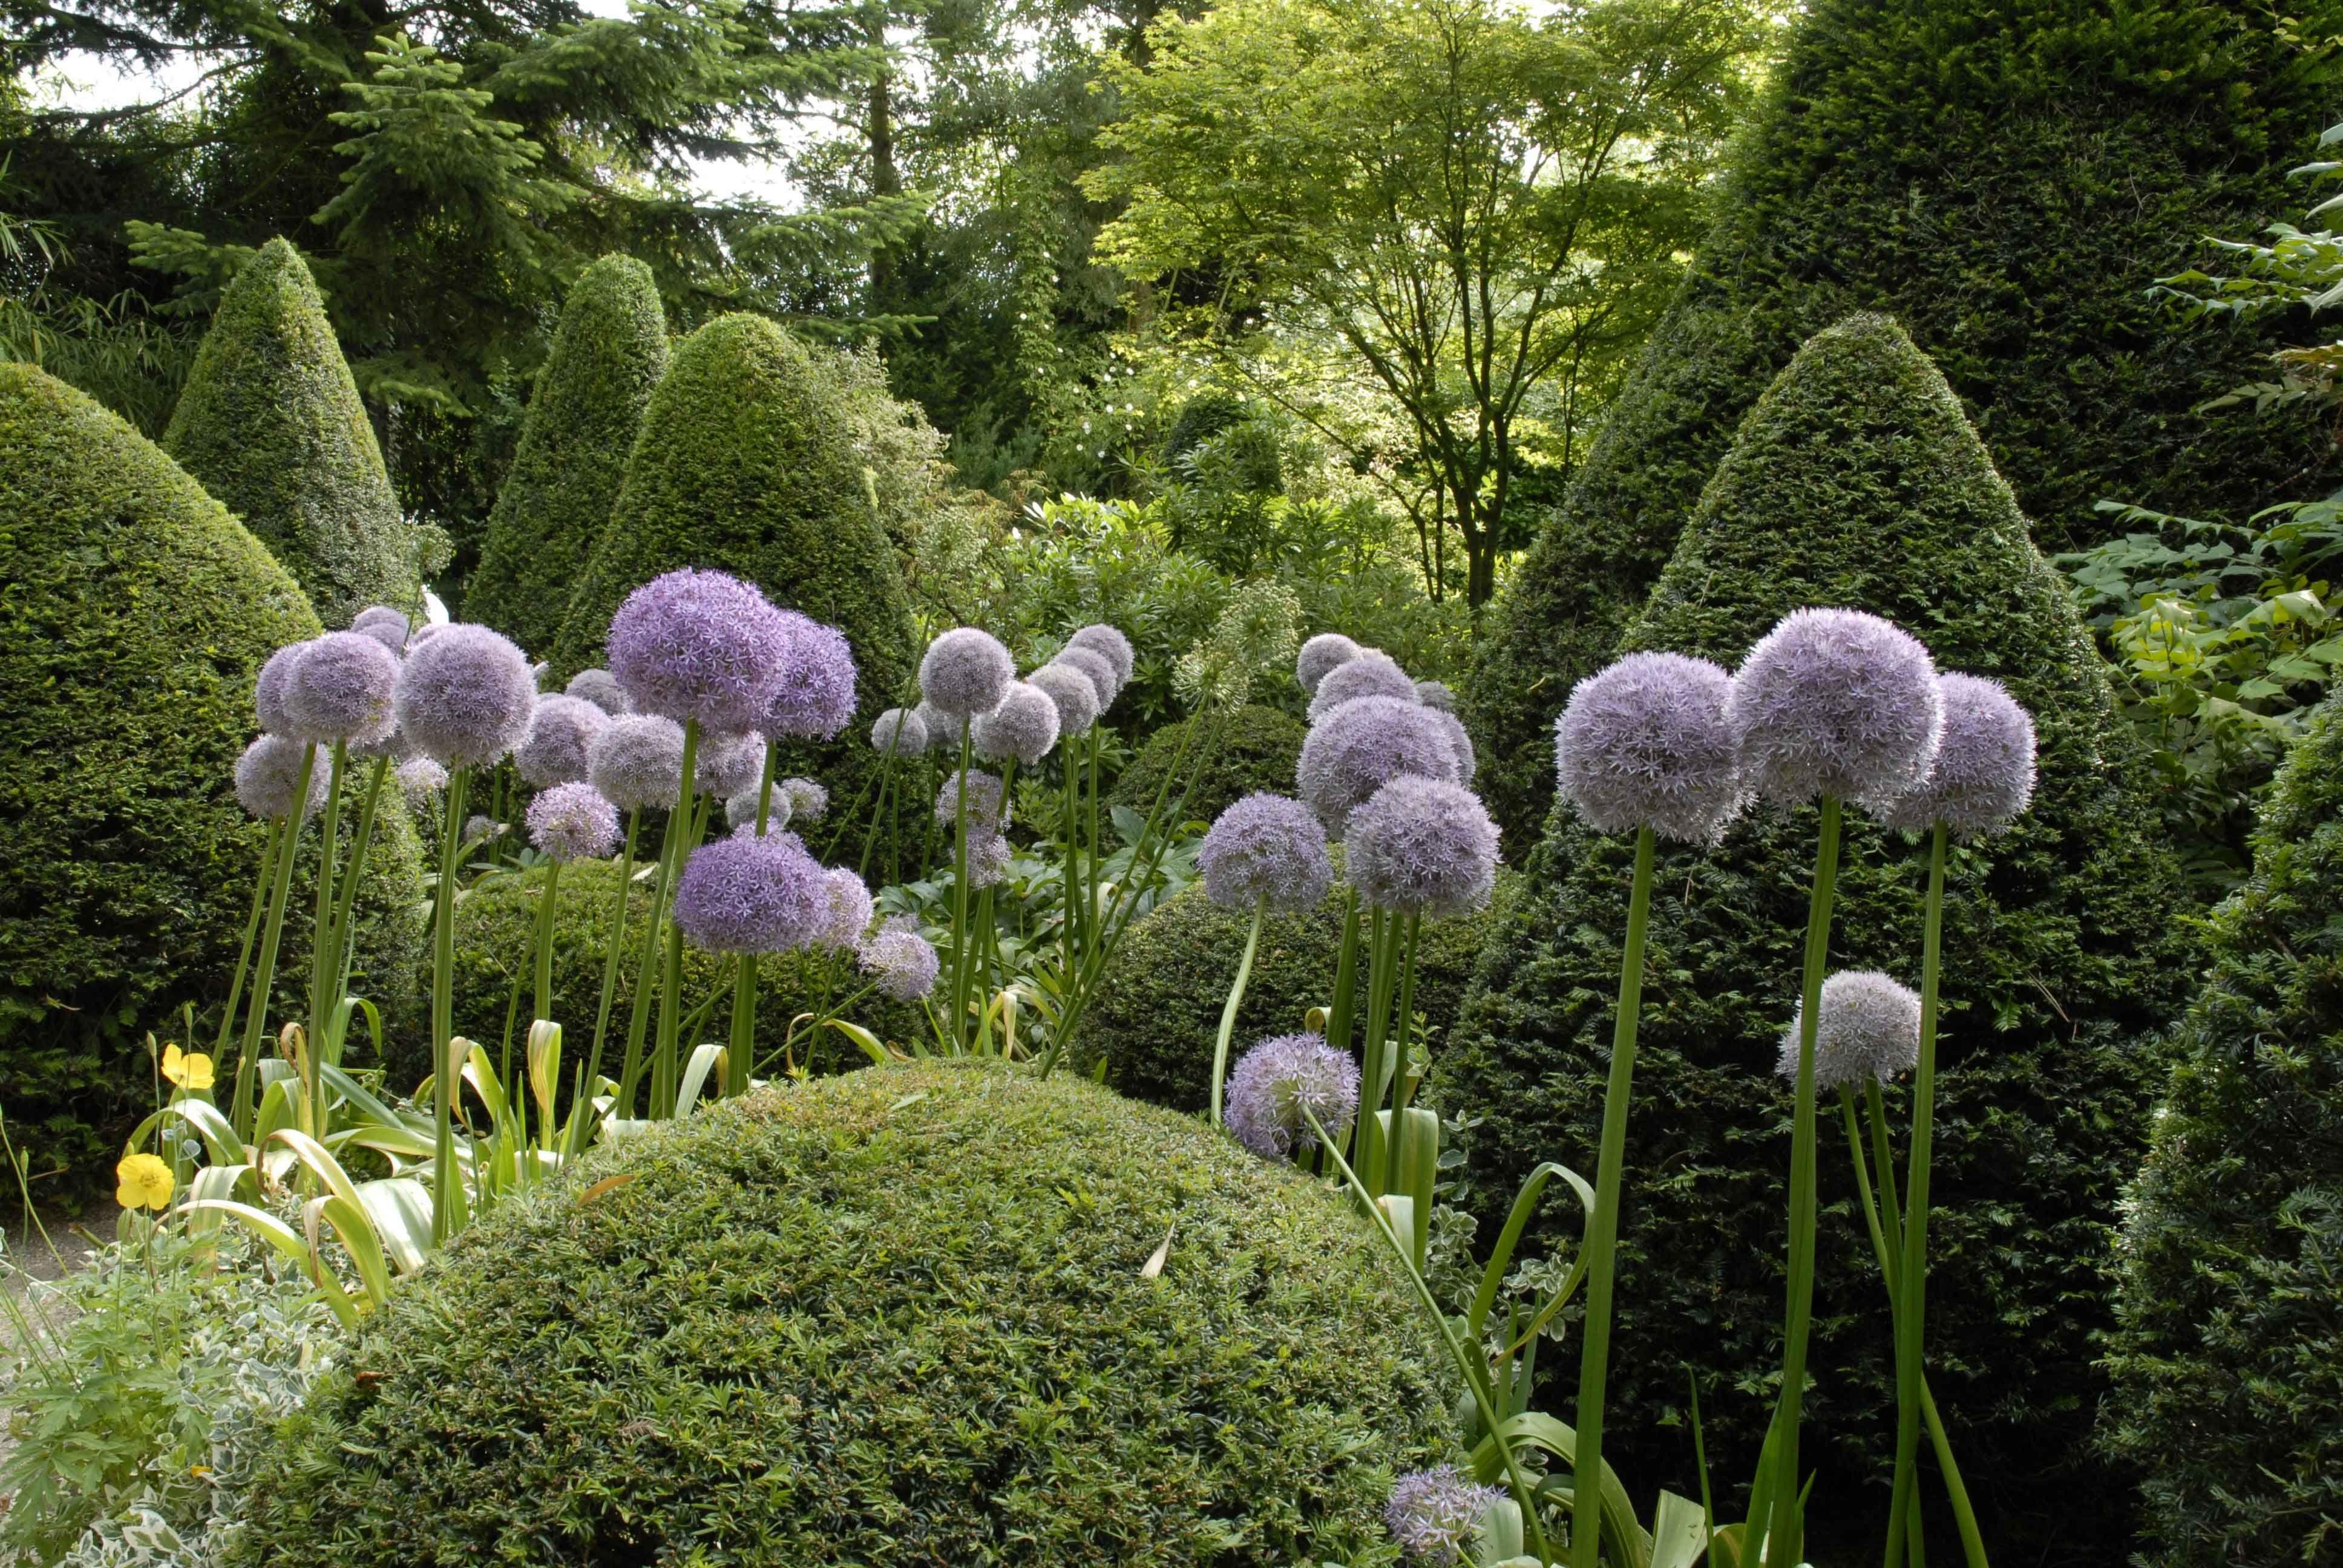 le jardin d 39 agapanthe grigneuseville haute normandie i 39 ve always had a soft spot for. Black Bedroom Furniture Sets. Home Design Ideas